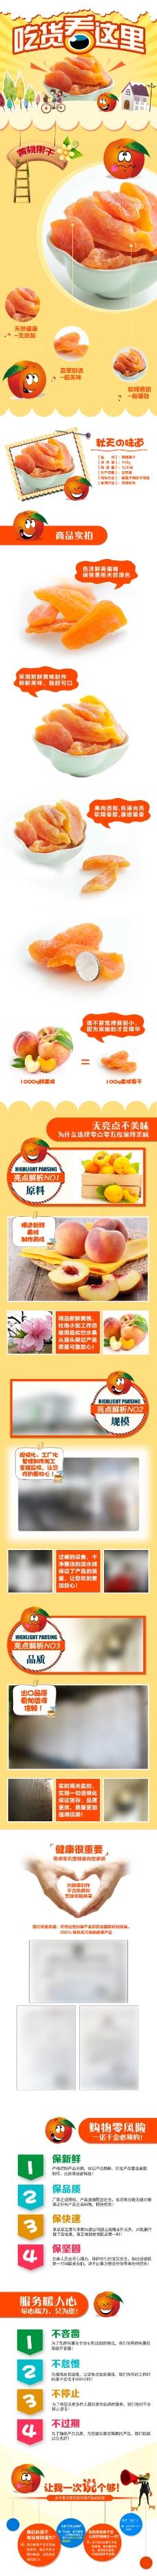 可爱卡通水果果干果脯黄桃详情页